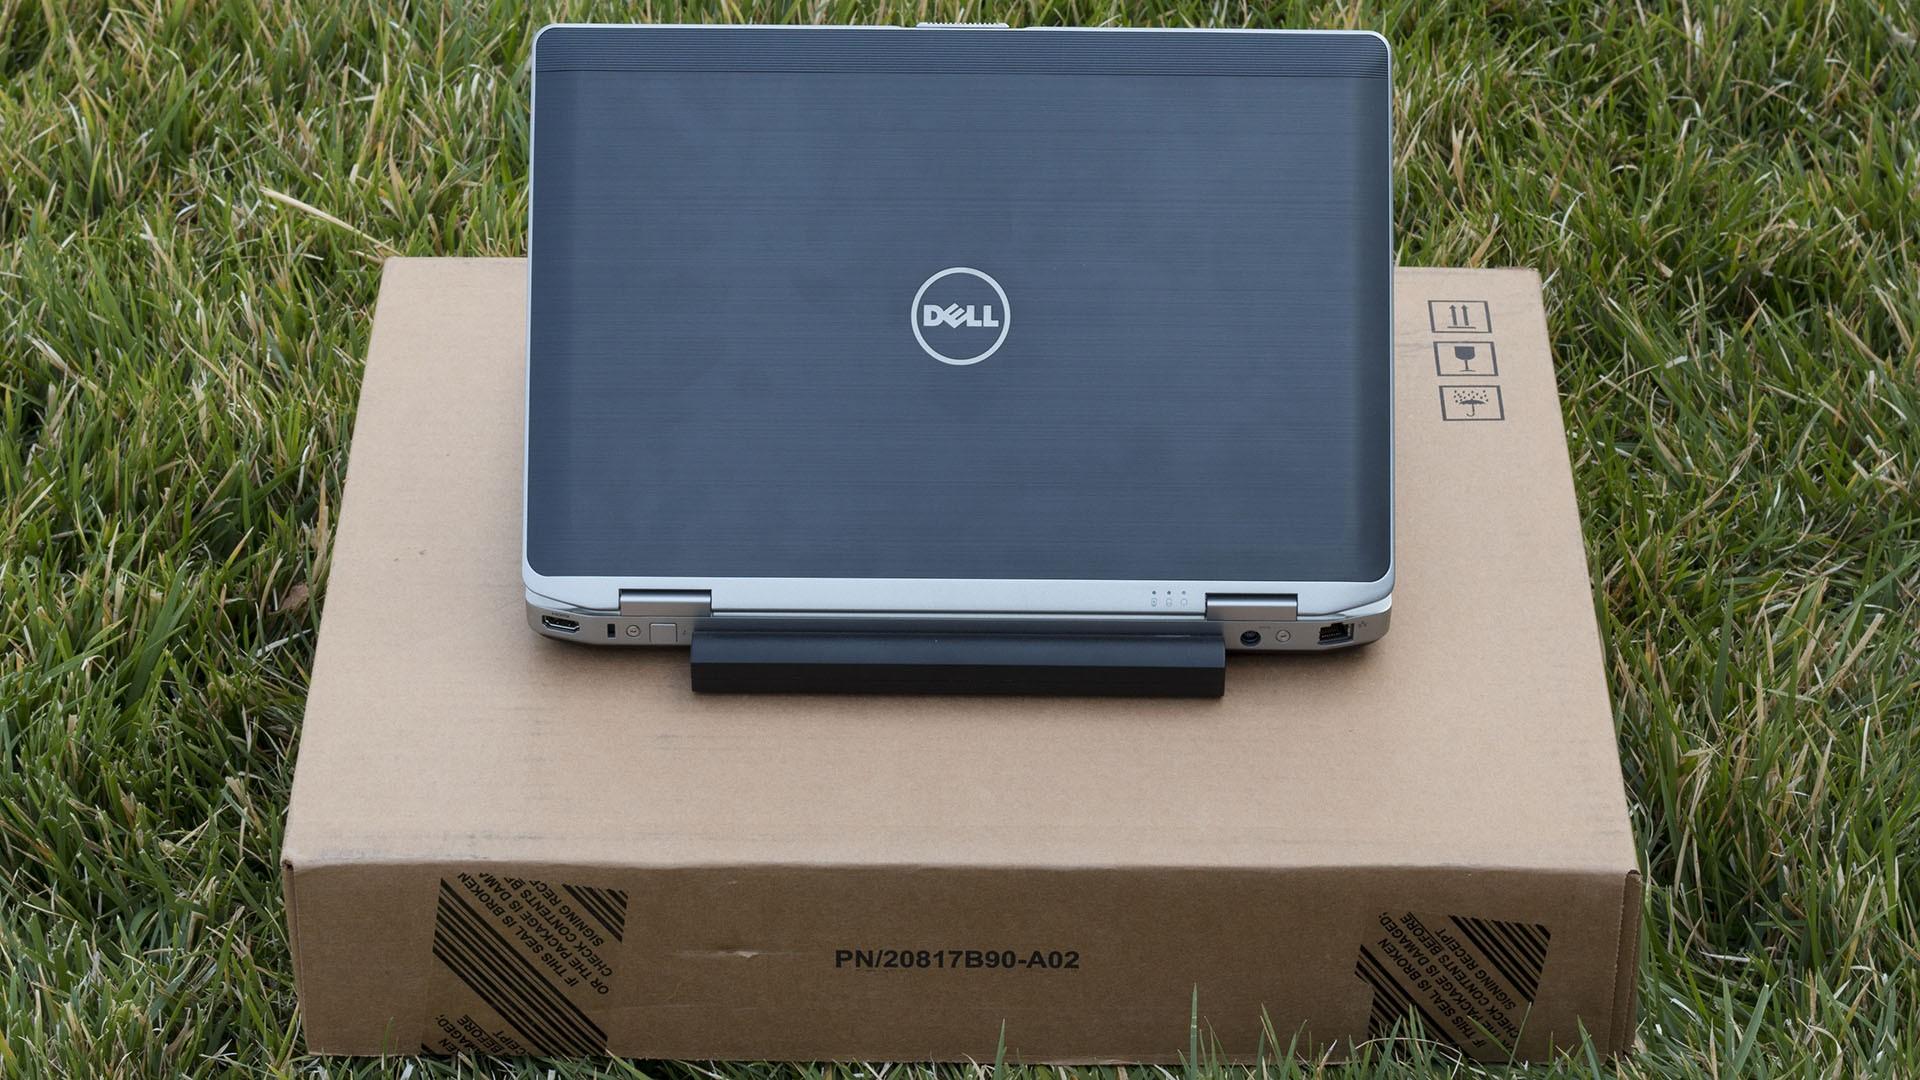 3 Dell Latitude E6420, I7, 2VGA, chỉ 5.550.000VNĐ - Hàng Mỹ siêu bền, như mới